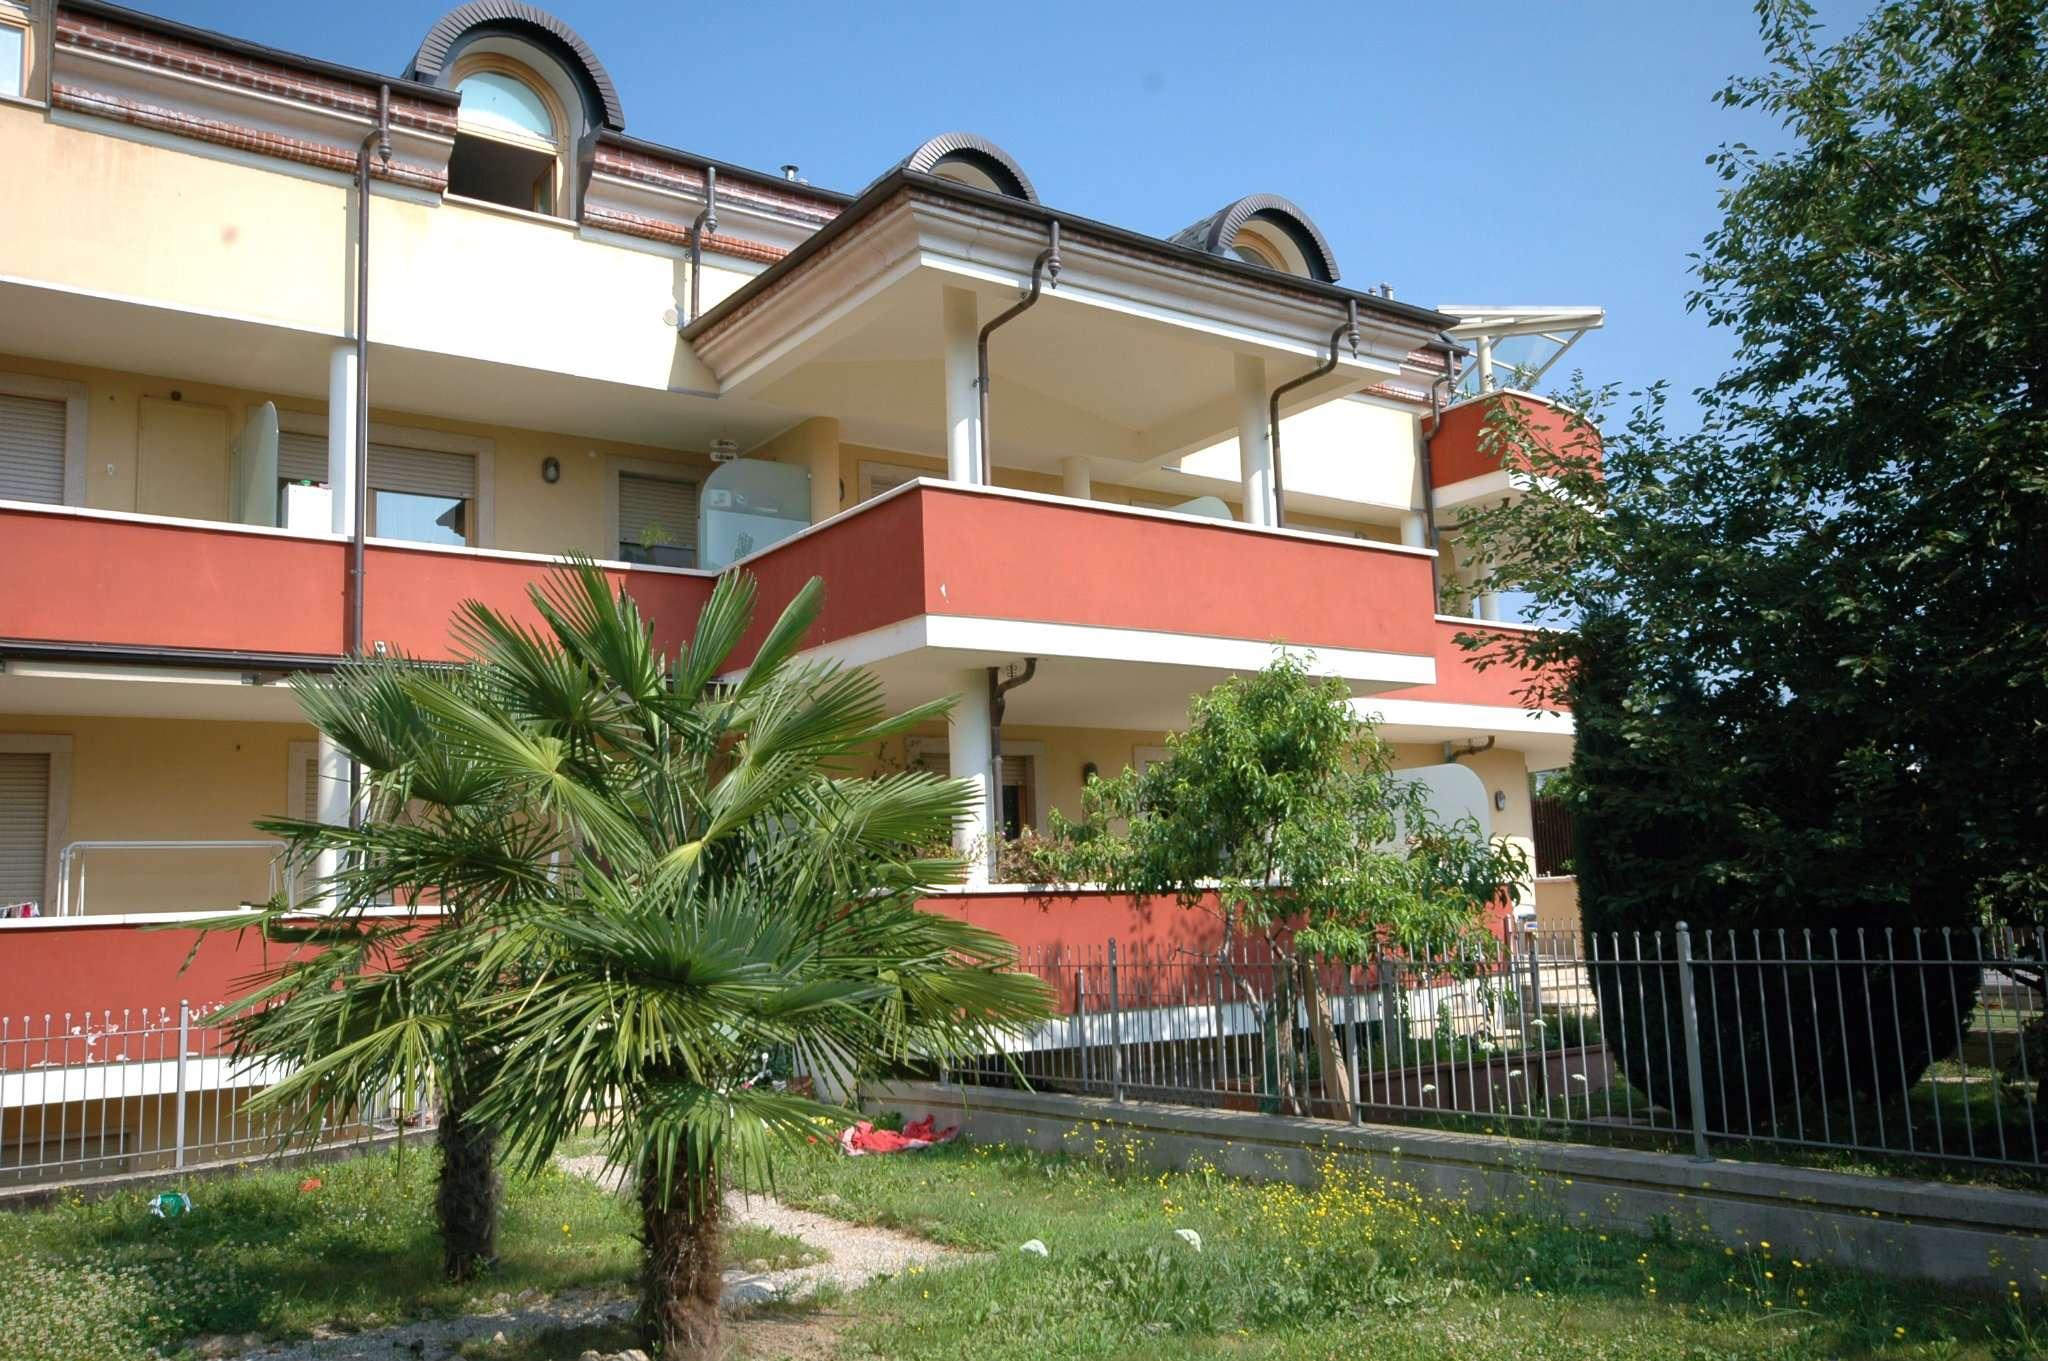 Appartamento in vendita a Borgo San Dalmazzo, 4 locali, prezzo € 230.000 | CambioCasa.it